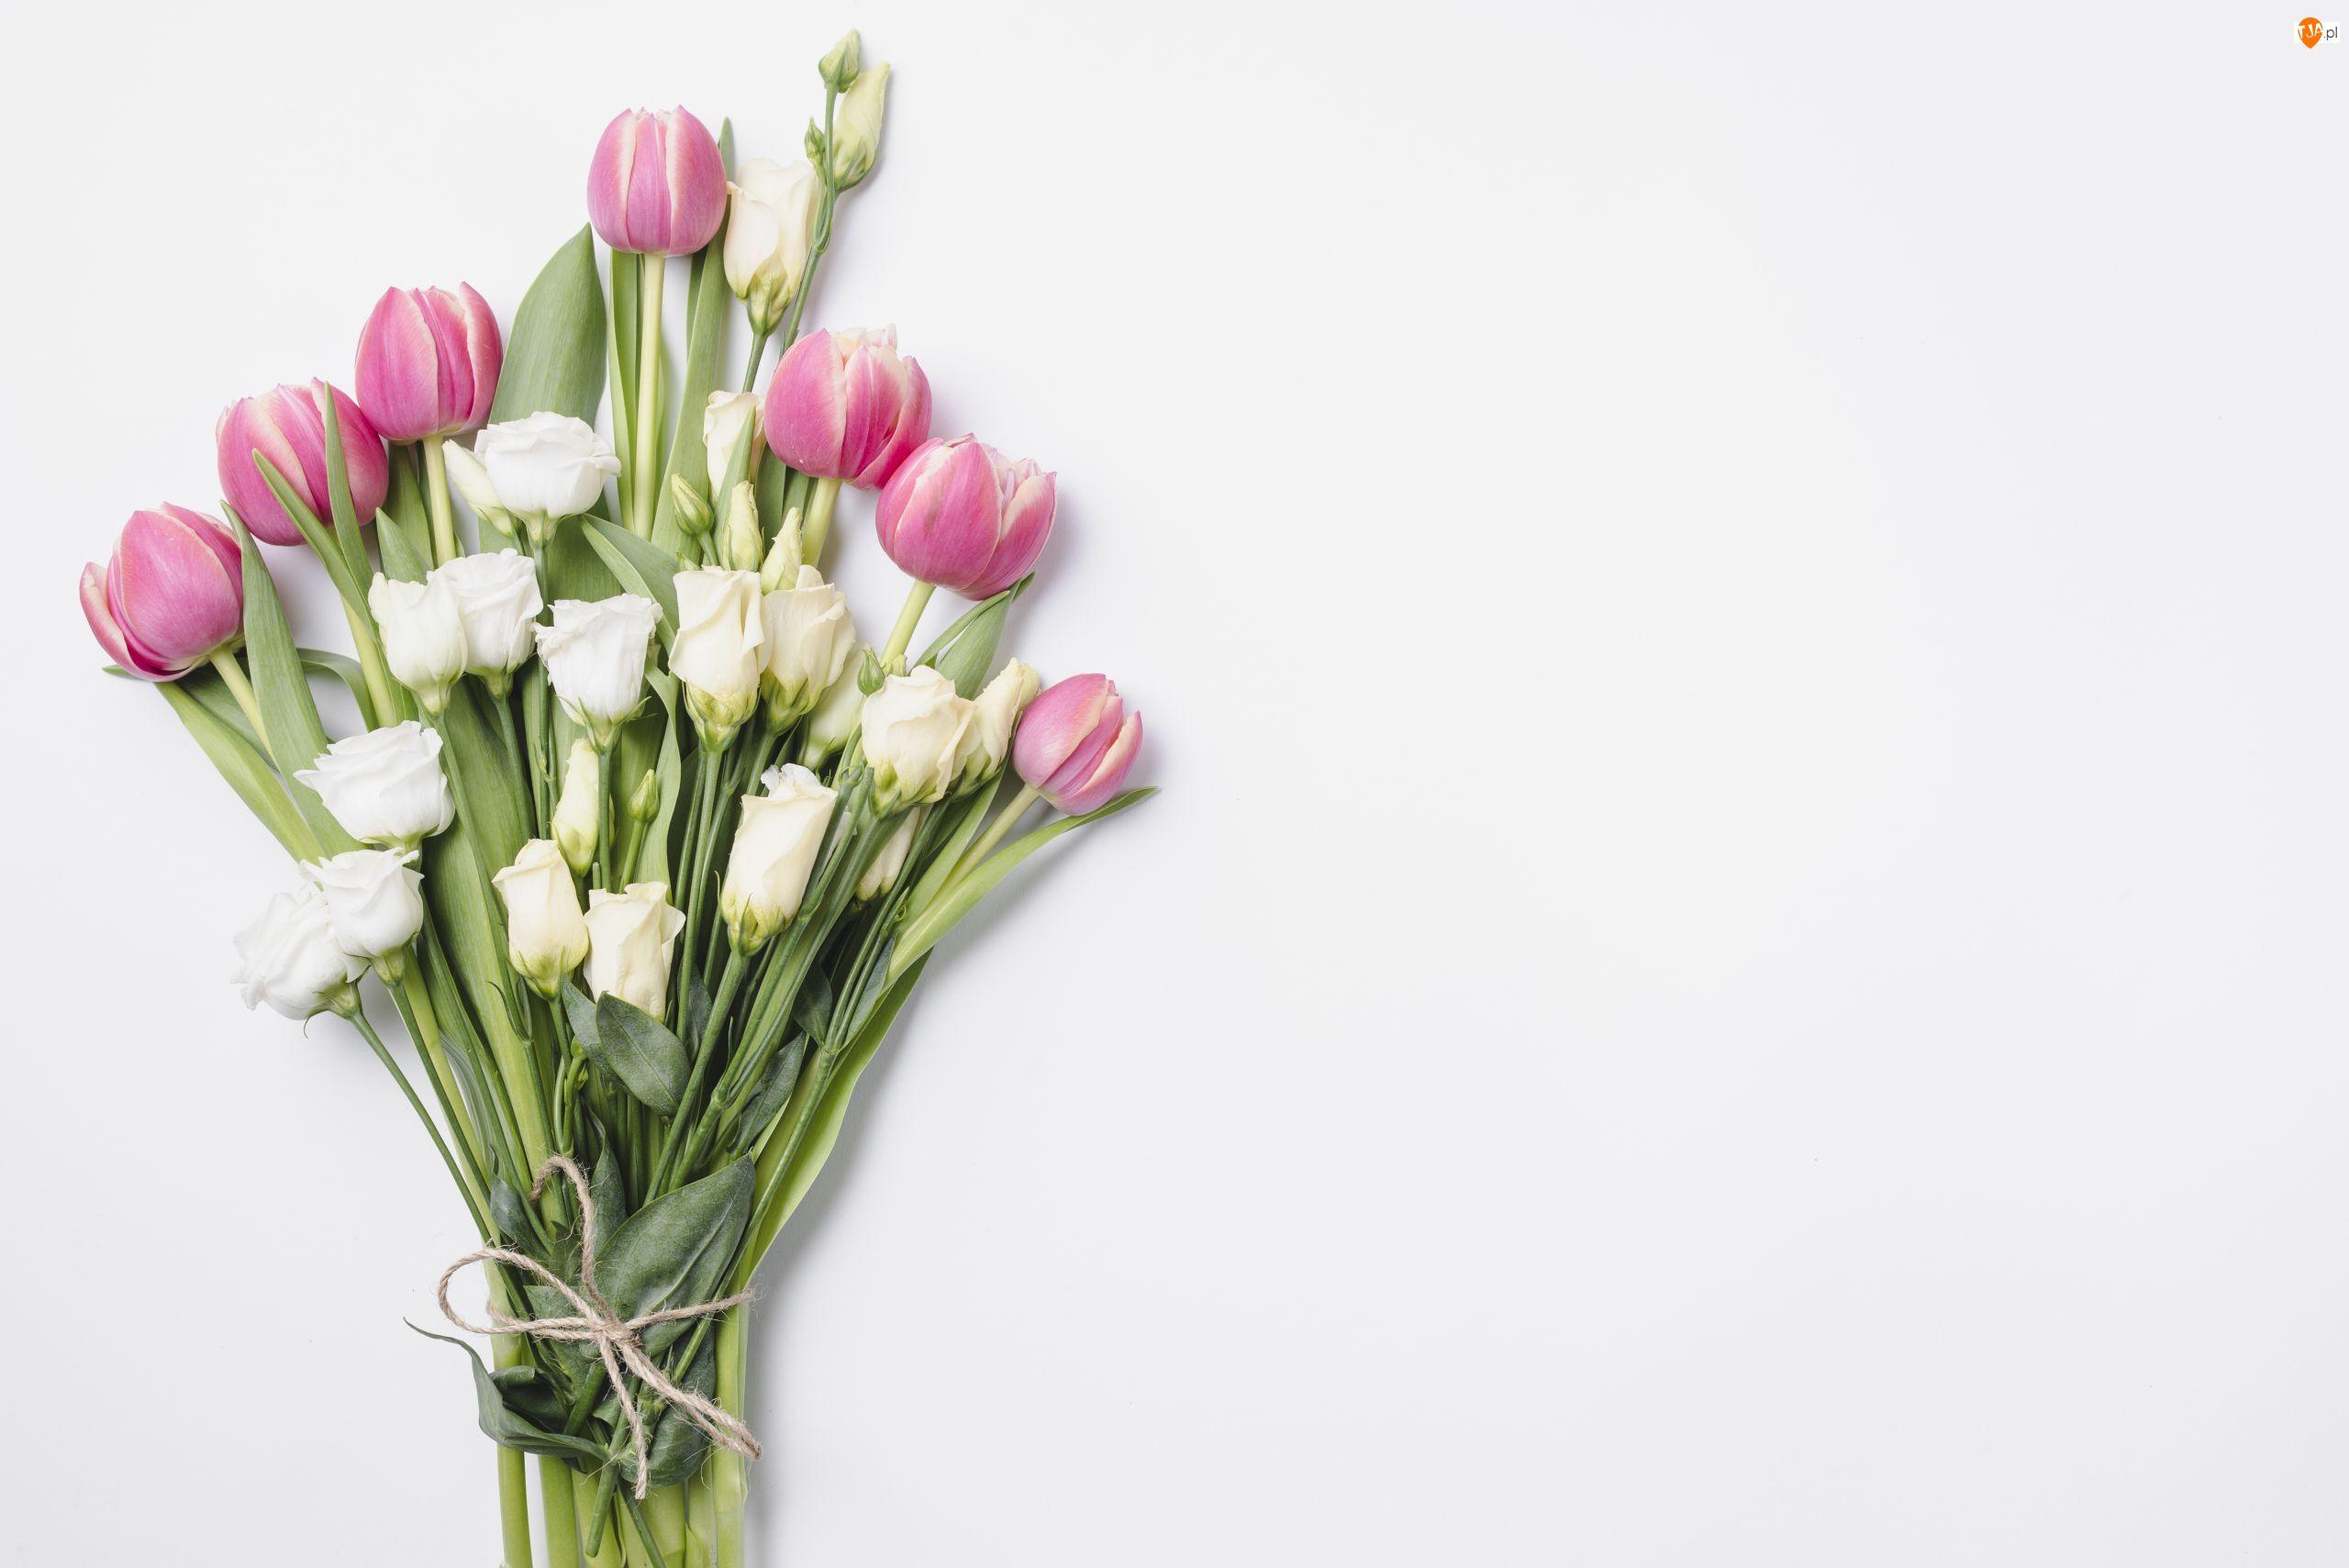 Tulipany, Kwiaty, Eustomy, Tło, Białe, Białe